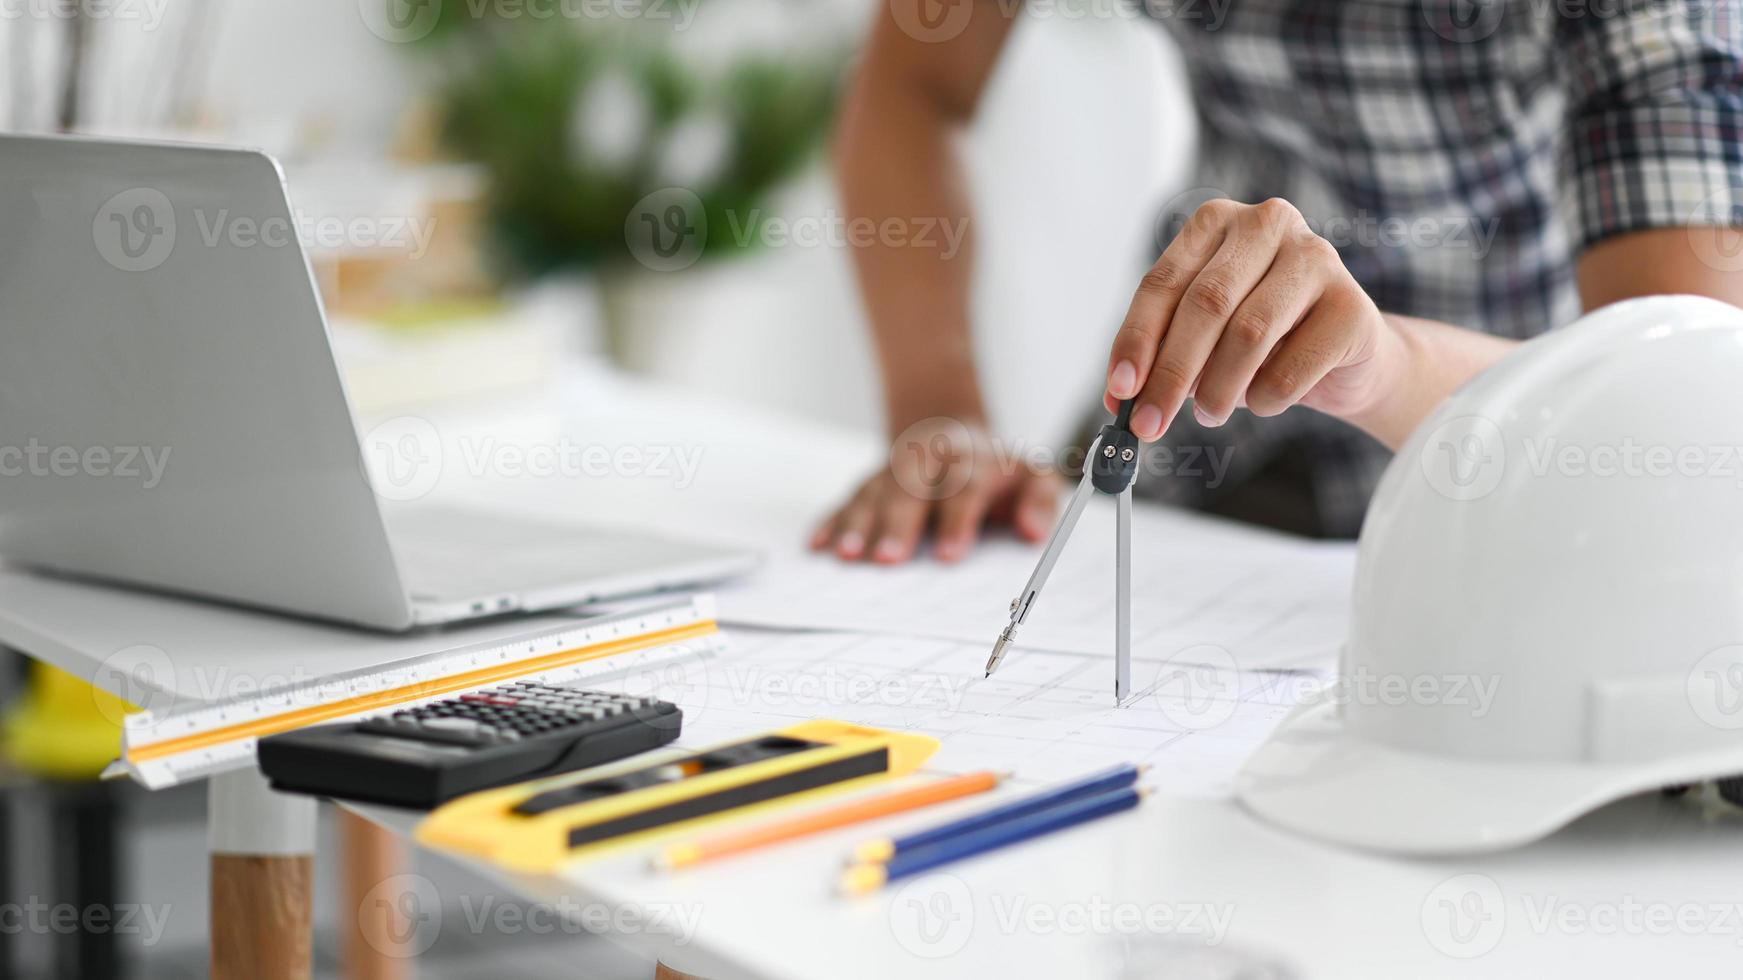 junger Architekt, der den Kreisverkehr benutzt, um auf dem Hausplan zu schreiben. foto